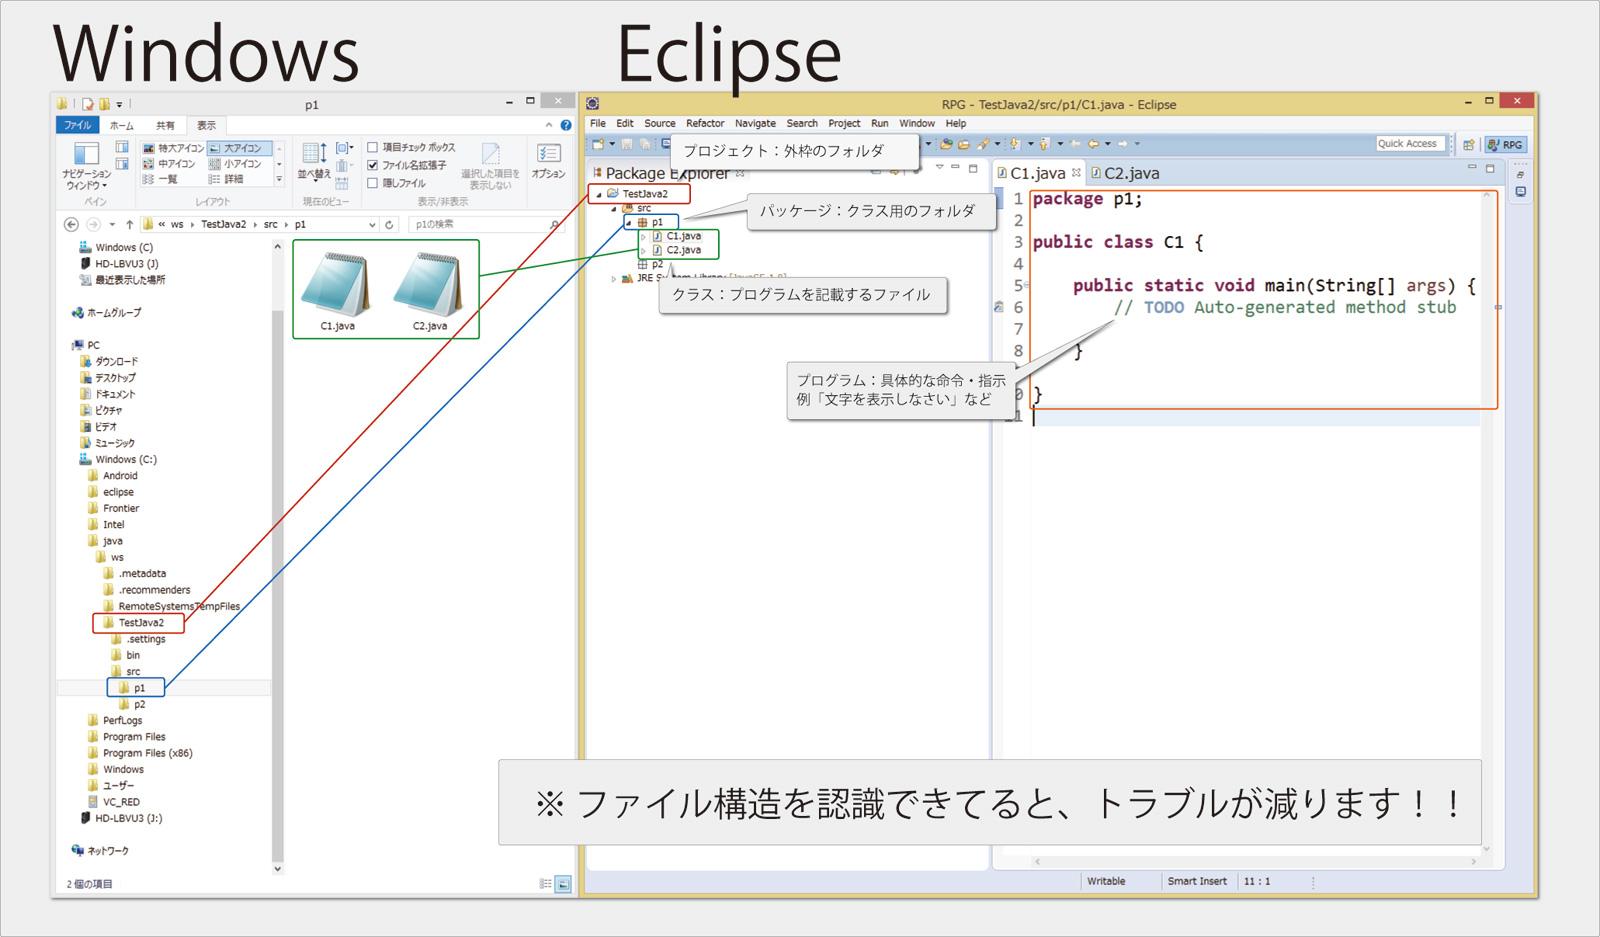 RPGで学ぶ Java入門 【 ファイル構造の理解 】WindowsとEclipseの比較